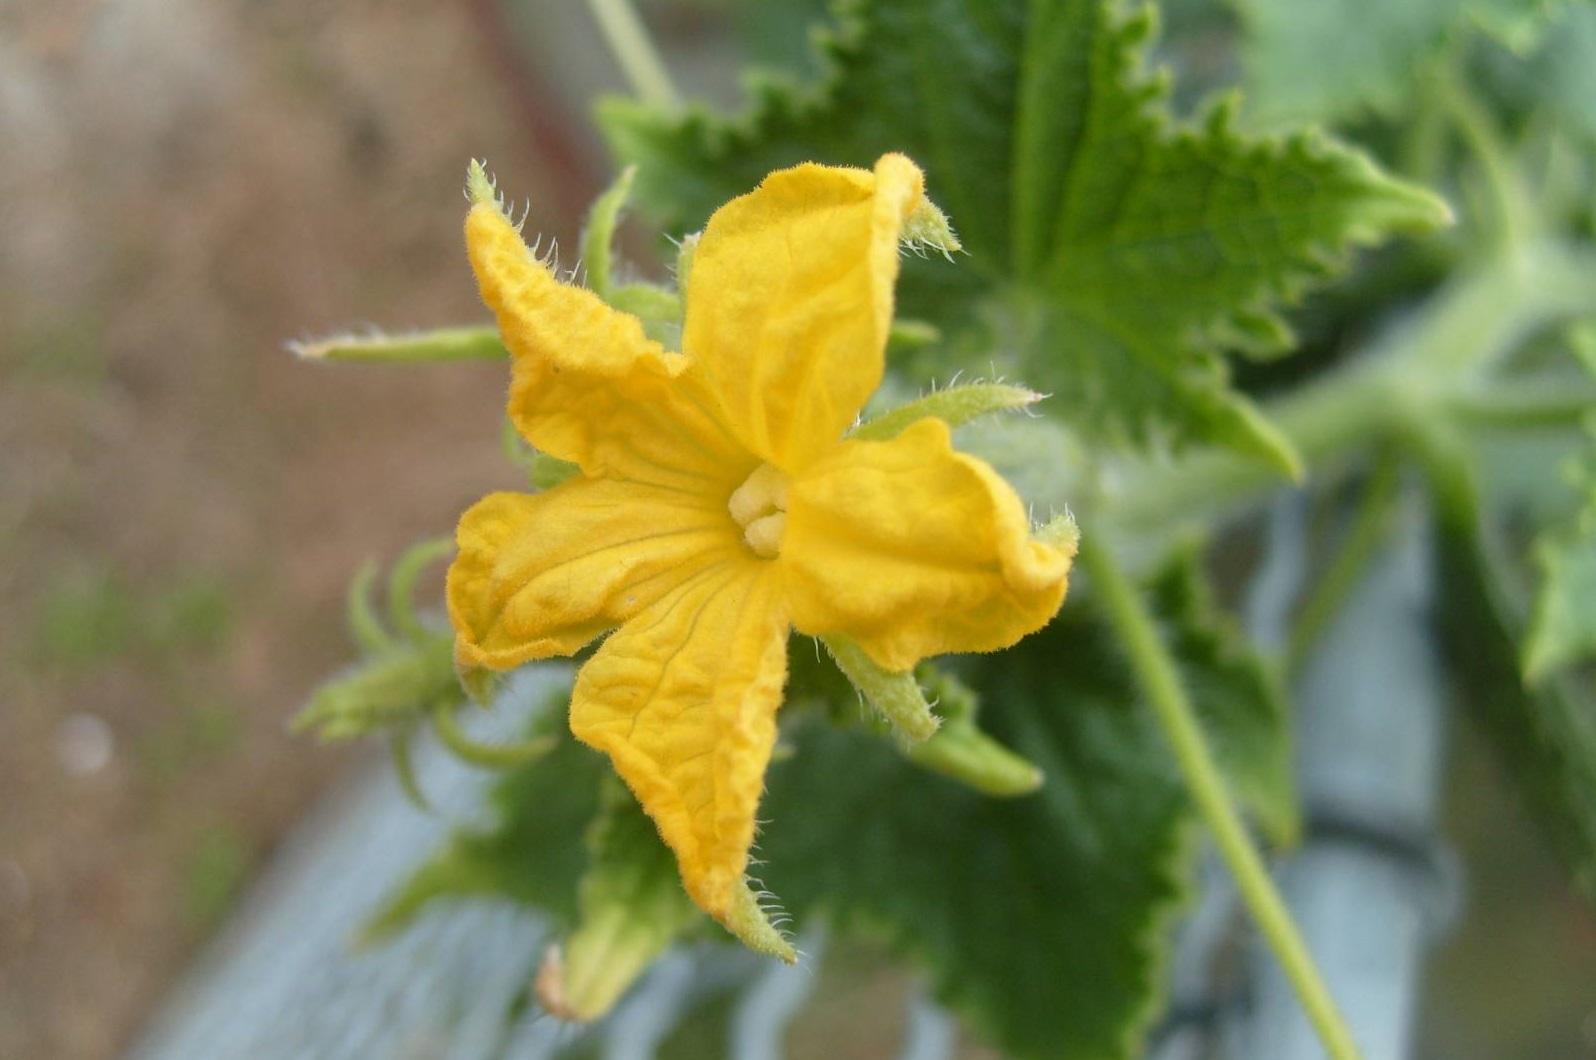 лечение пустоцвета на огурцах в теплице